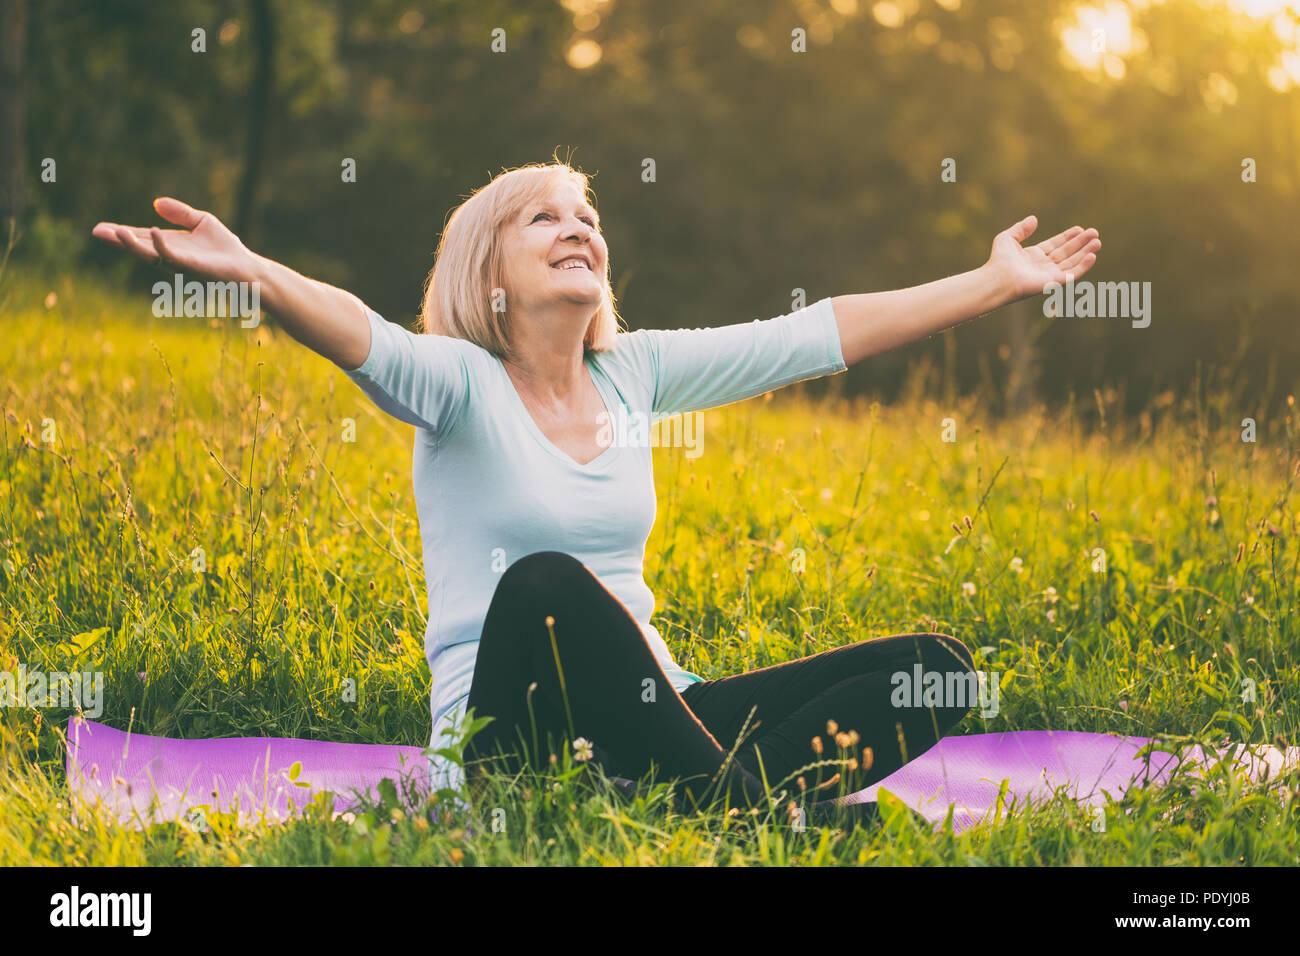 Ältere Frau genießt sitzen auf der Trainingsmatte mit ihren Armen in der Natur ausgestreckt. Bild ist absichtlich abgeschwächt. Stockbild